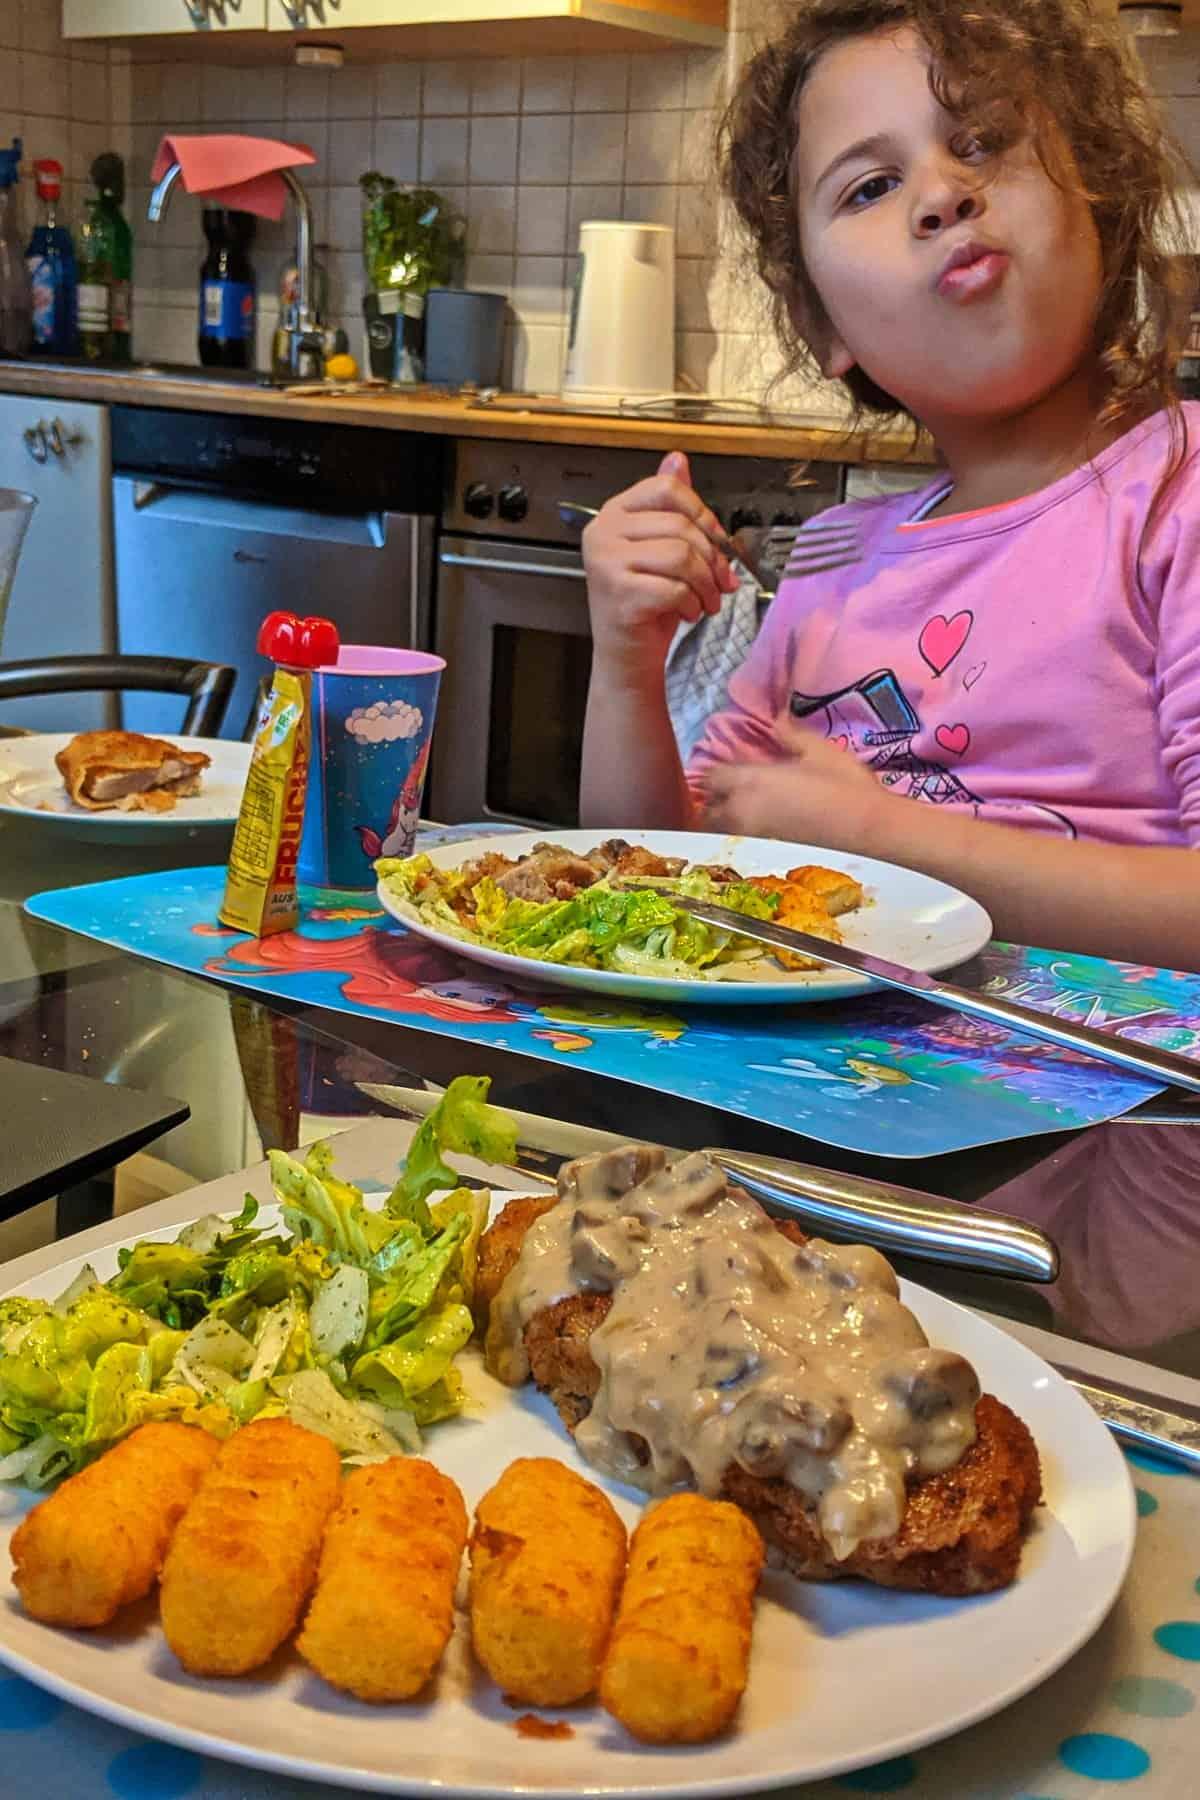 ein Kins am Esstisch, das Jägerschnitzel isst. Im Vordergrund einTeller mit Jägerschnitzel, Kroketten und Salat.